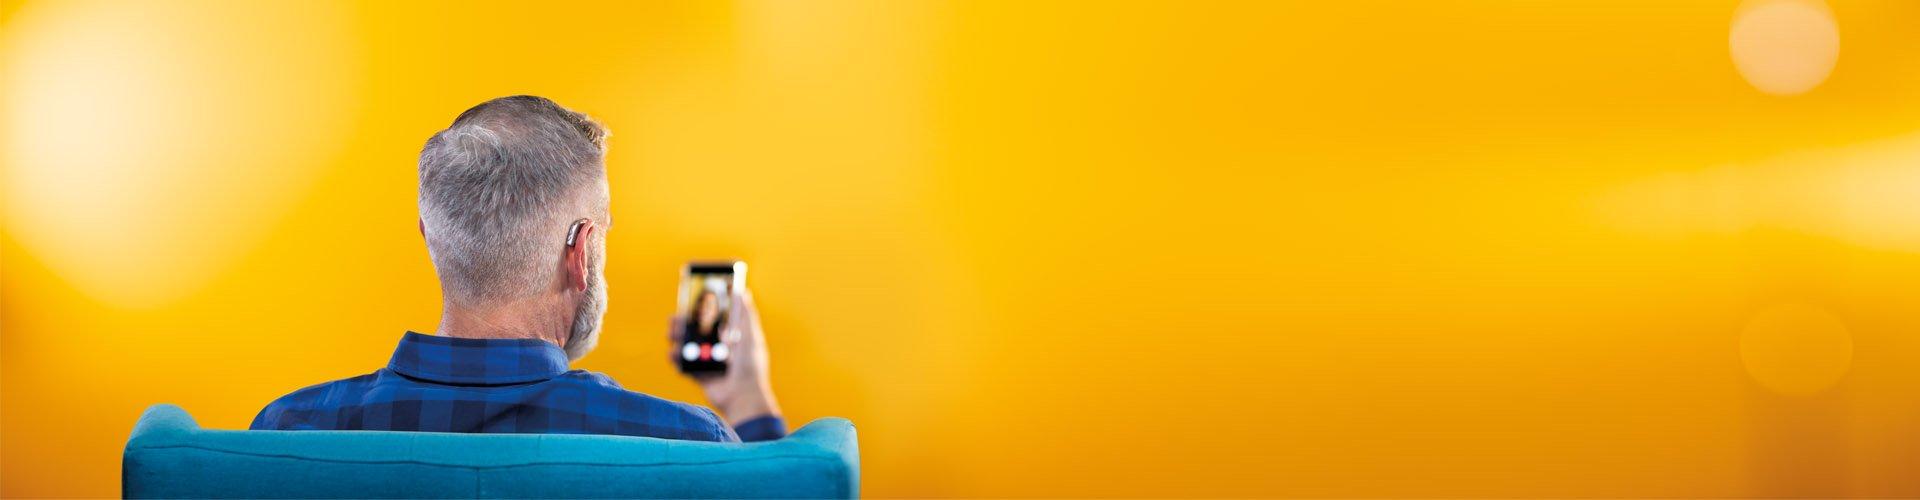 Mężczyzna w średnim wieku używający smartfona i aparatów słuchowych Philips HearLink, połączyć się z przyjaciółmi za pośrednictwem wideorozmowy.